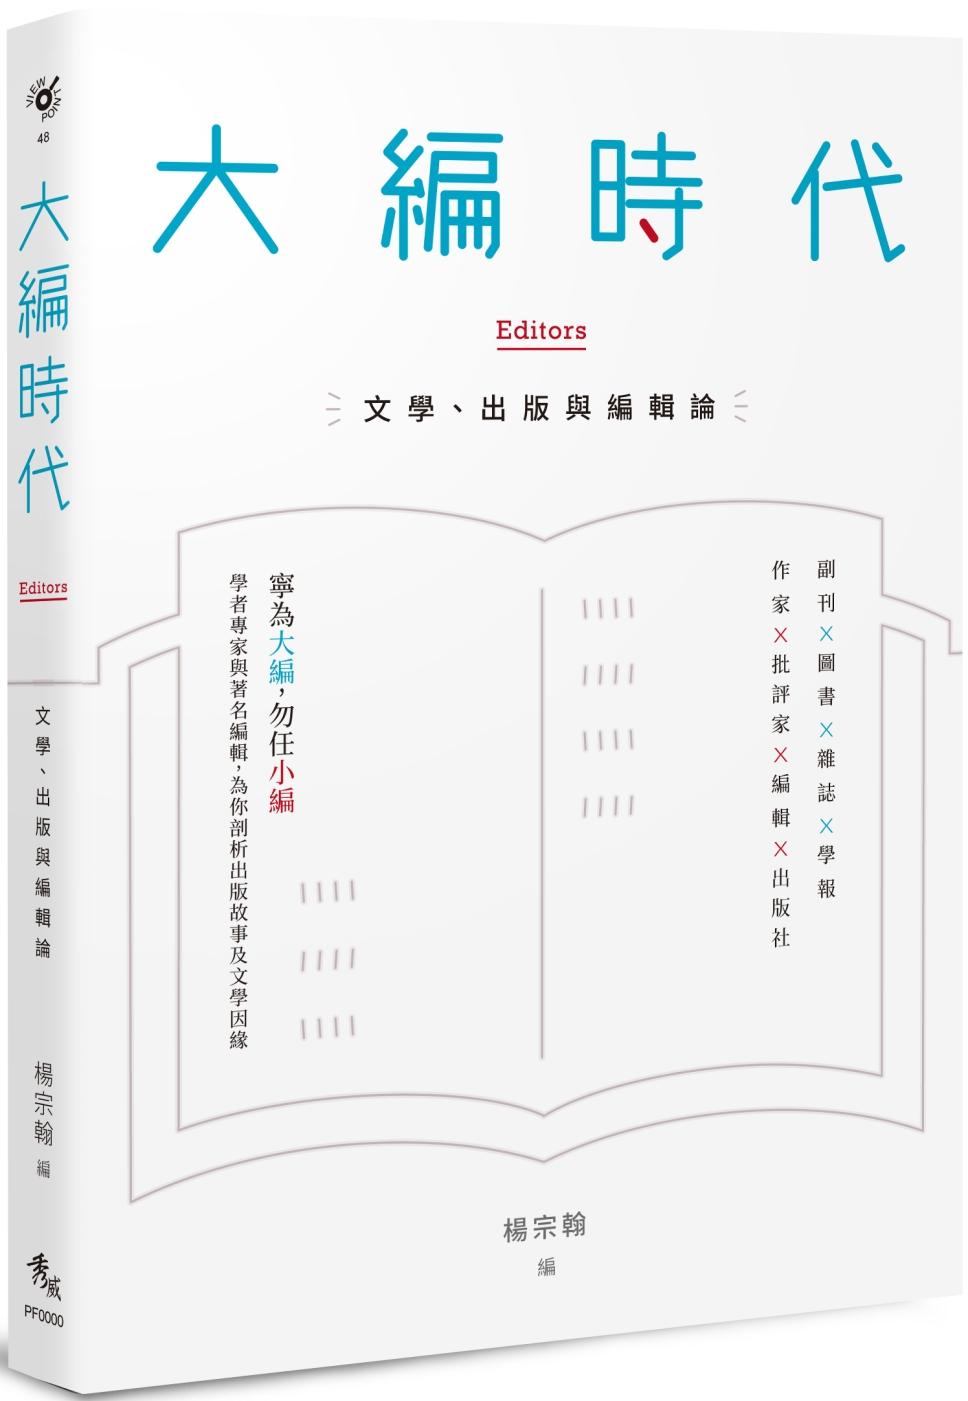 大編時代:文學、出版與編輯論